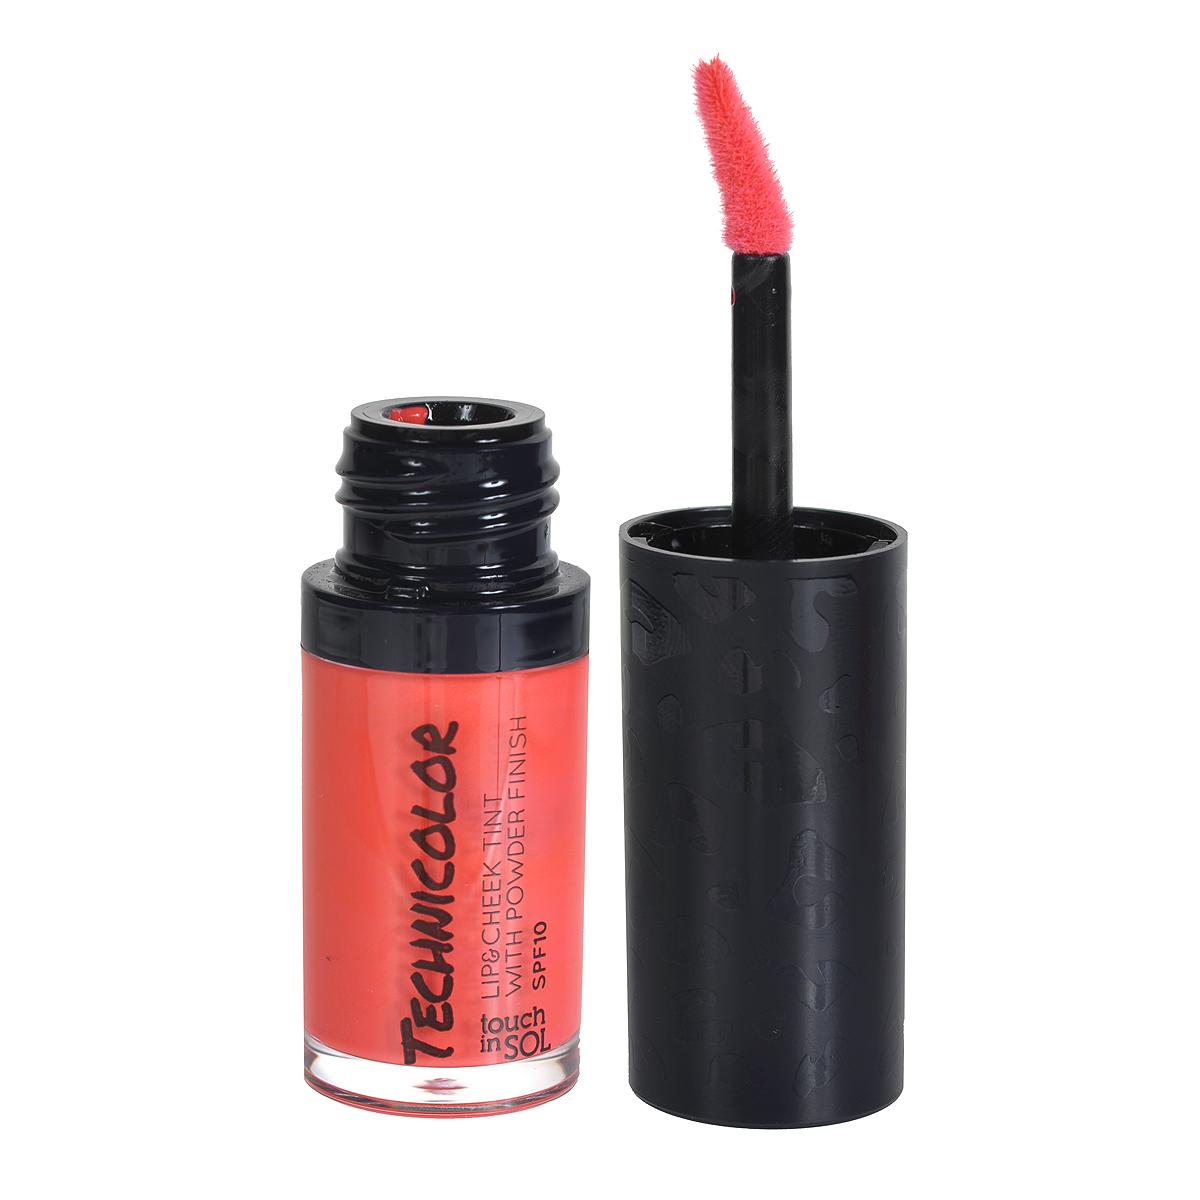 Touch In Sol Тинт для губ и щек Technicolor, с пудровым эффектом, SPF10, тон №04 Mystique Coral, 5 мл28032022Муссовая текстура позволит воспроизвести прикосновение розы и сделает лицо элегантным и ухоженным. Благодаря специальной формуле можно создать от мягких и нежных оттенков до насыщенно-ярких цветов. Хорошо сохраняется в течение дня. Защищает губы от солнечных лучей - эффект SPF 10 и прекрасно увлажняет, благодаря натуральным ингредиентам (масло семян манго, розовое масло, витамин С).Товар сертифицирован.